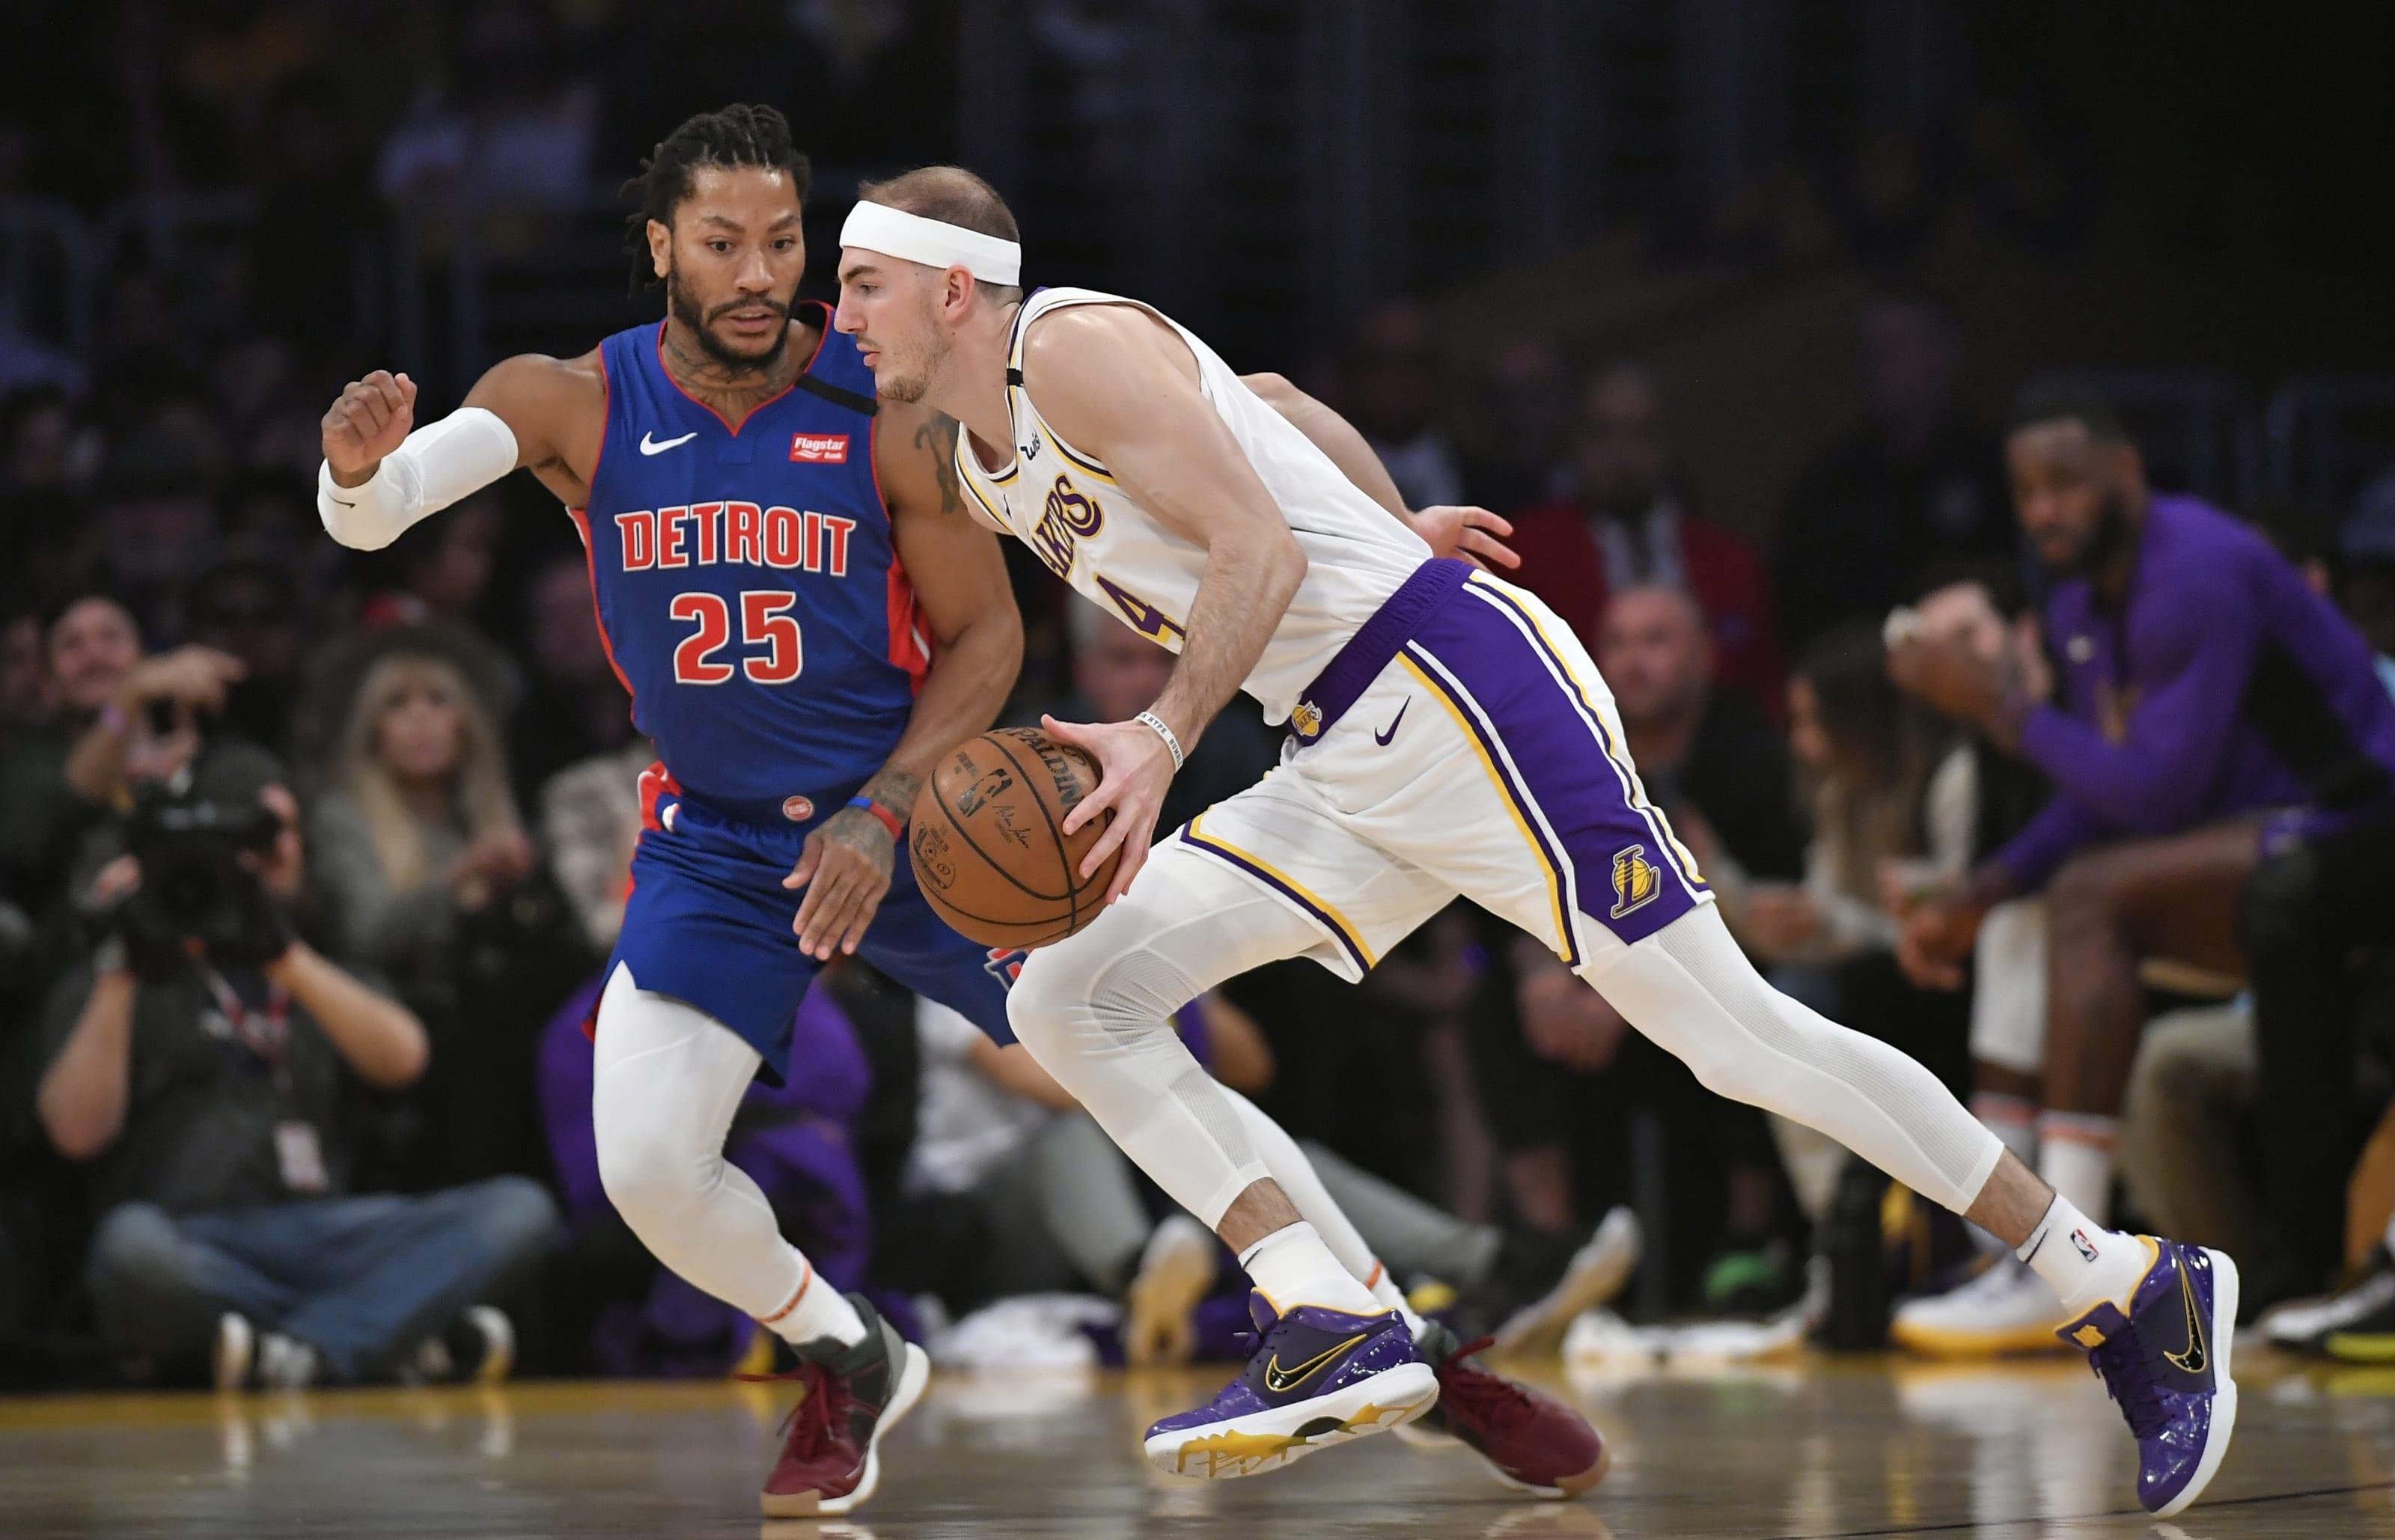 Detroit Pistons: Derrick Rose, Los Angeles Lakers: Alex Caruso